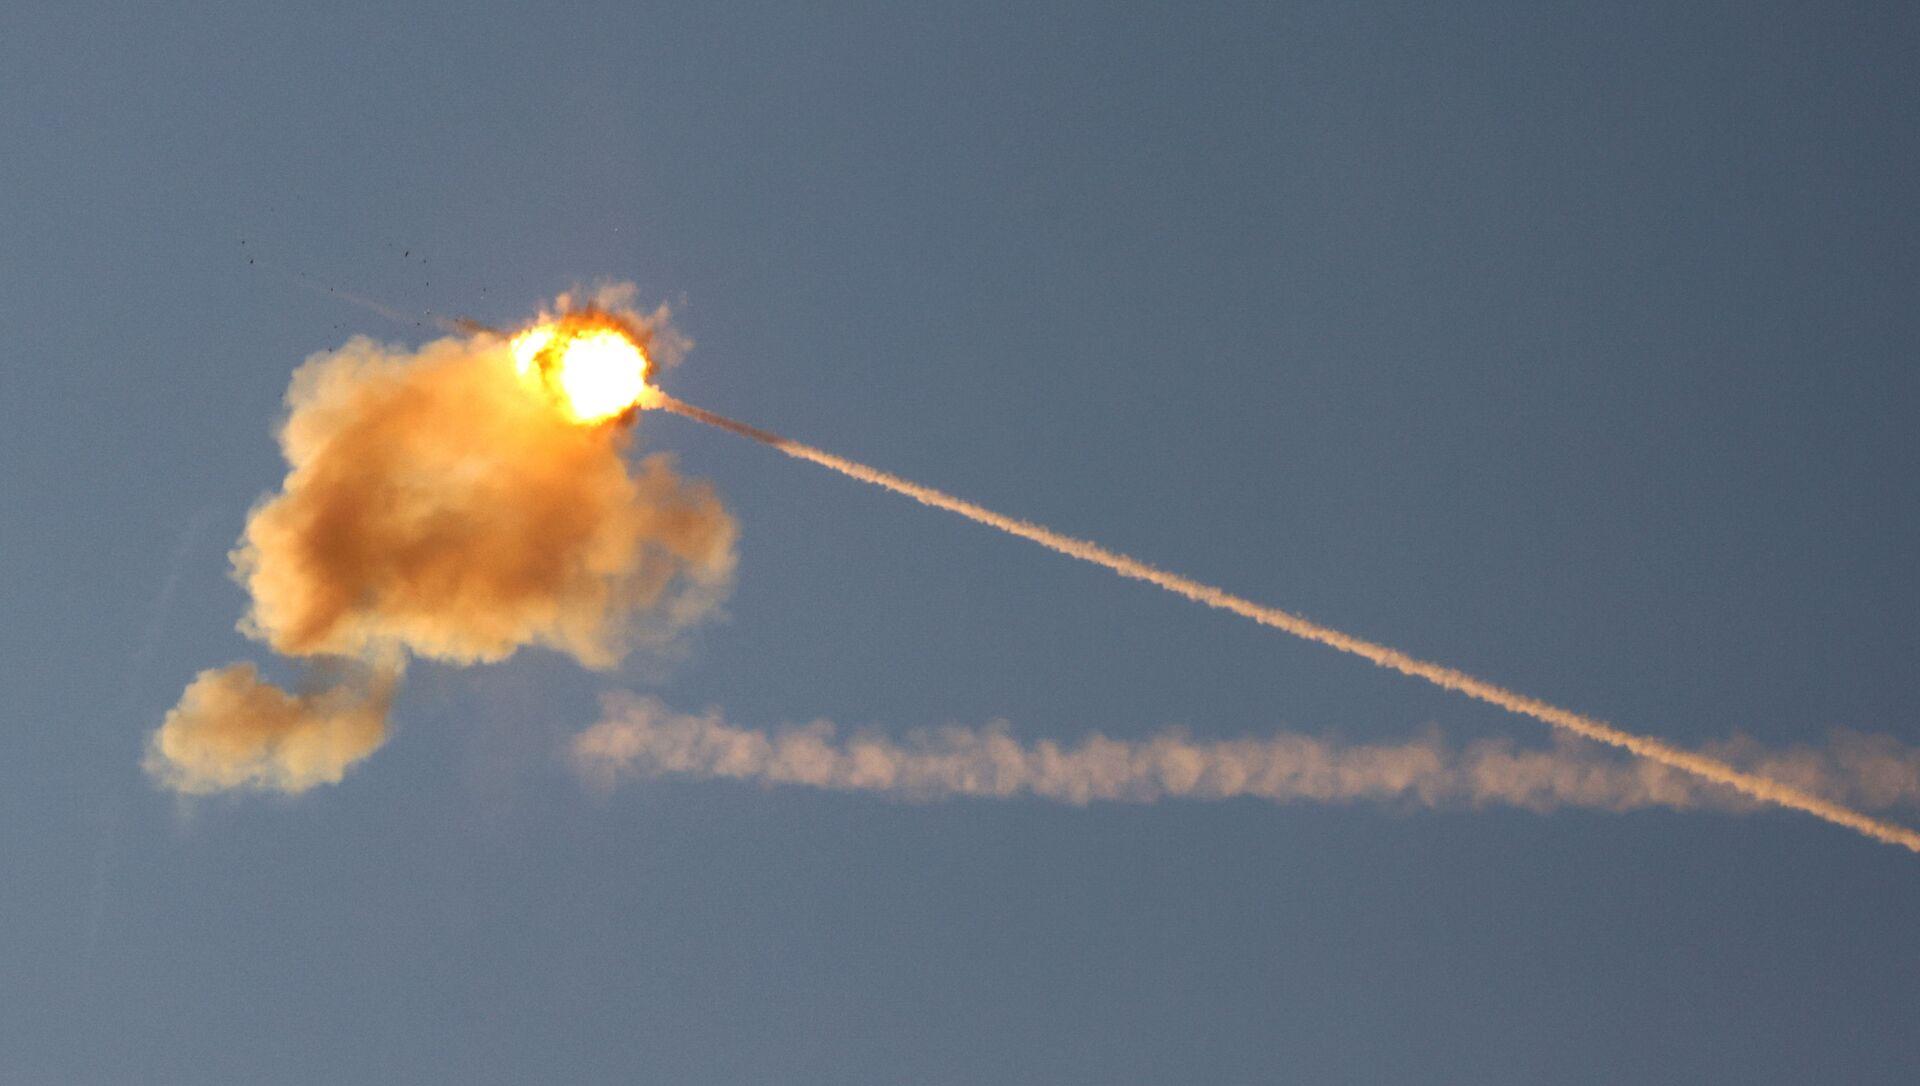 Израильская противоракетная система Железный купол перехватывает ракету, запущенную из сектора Газа - Sputnik Беларусь, 1920, 18.05.2021